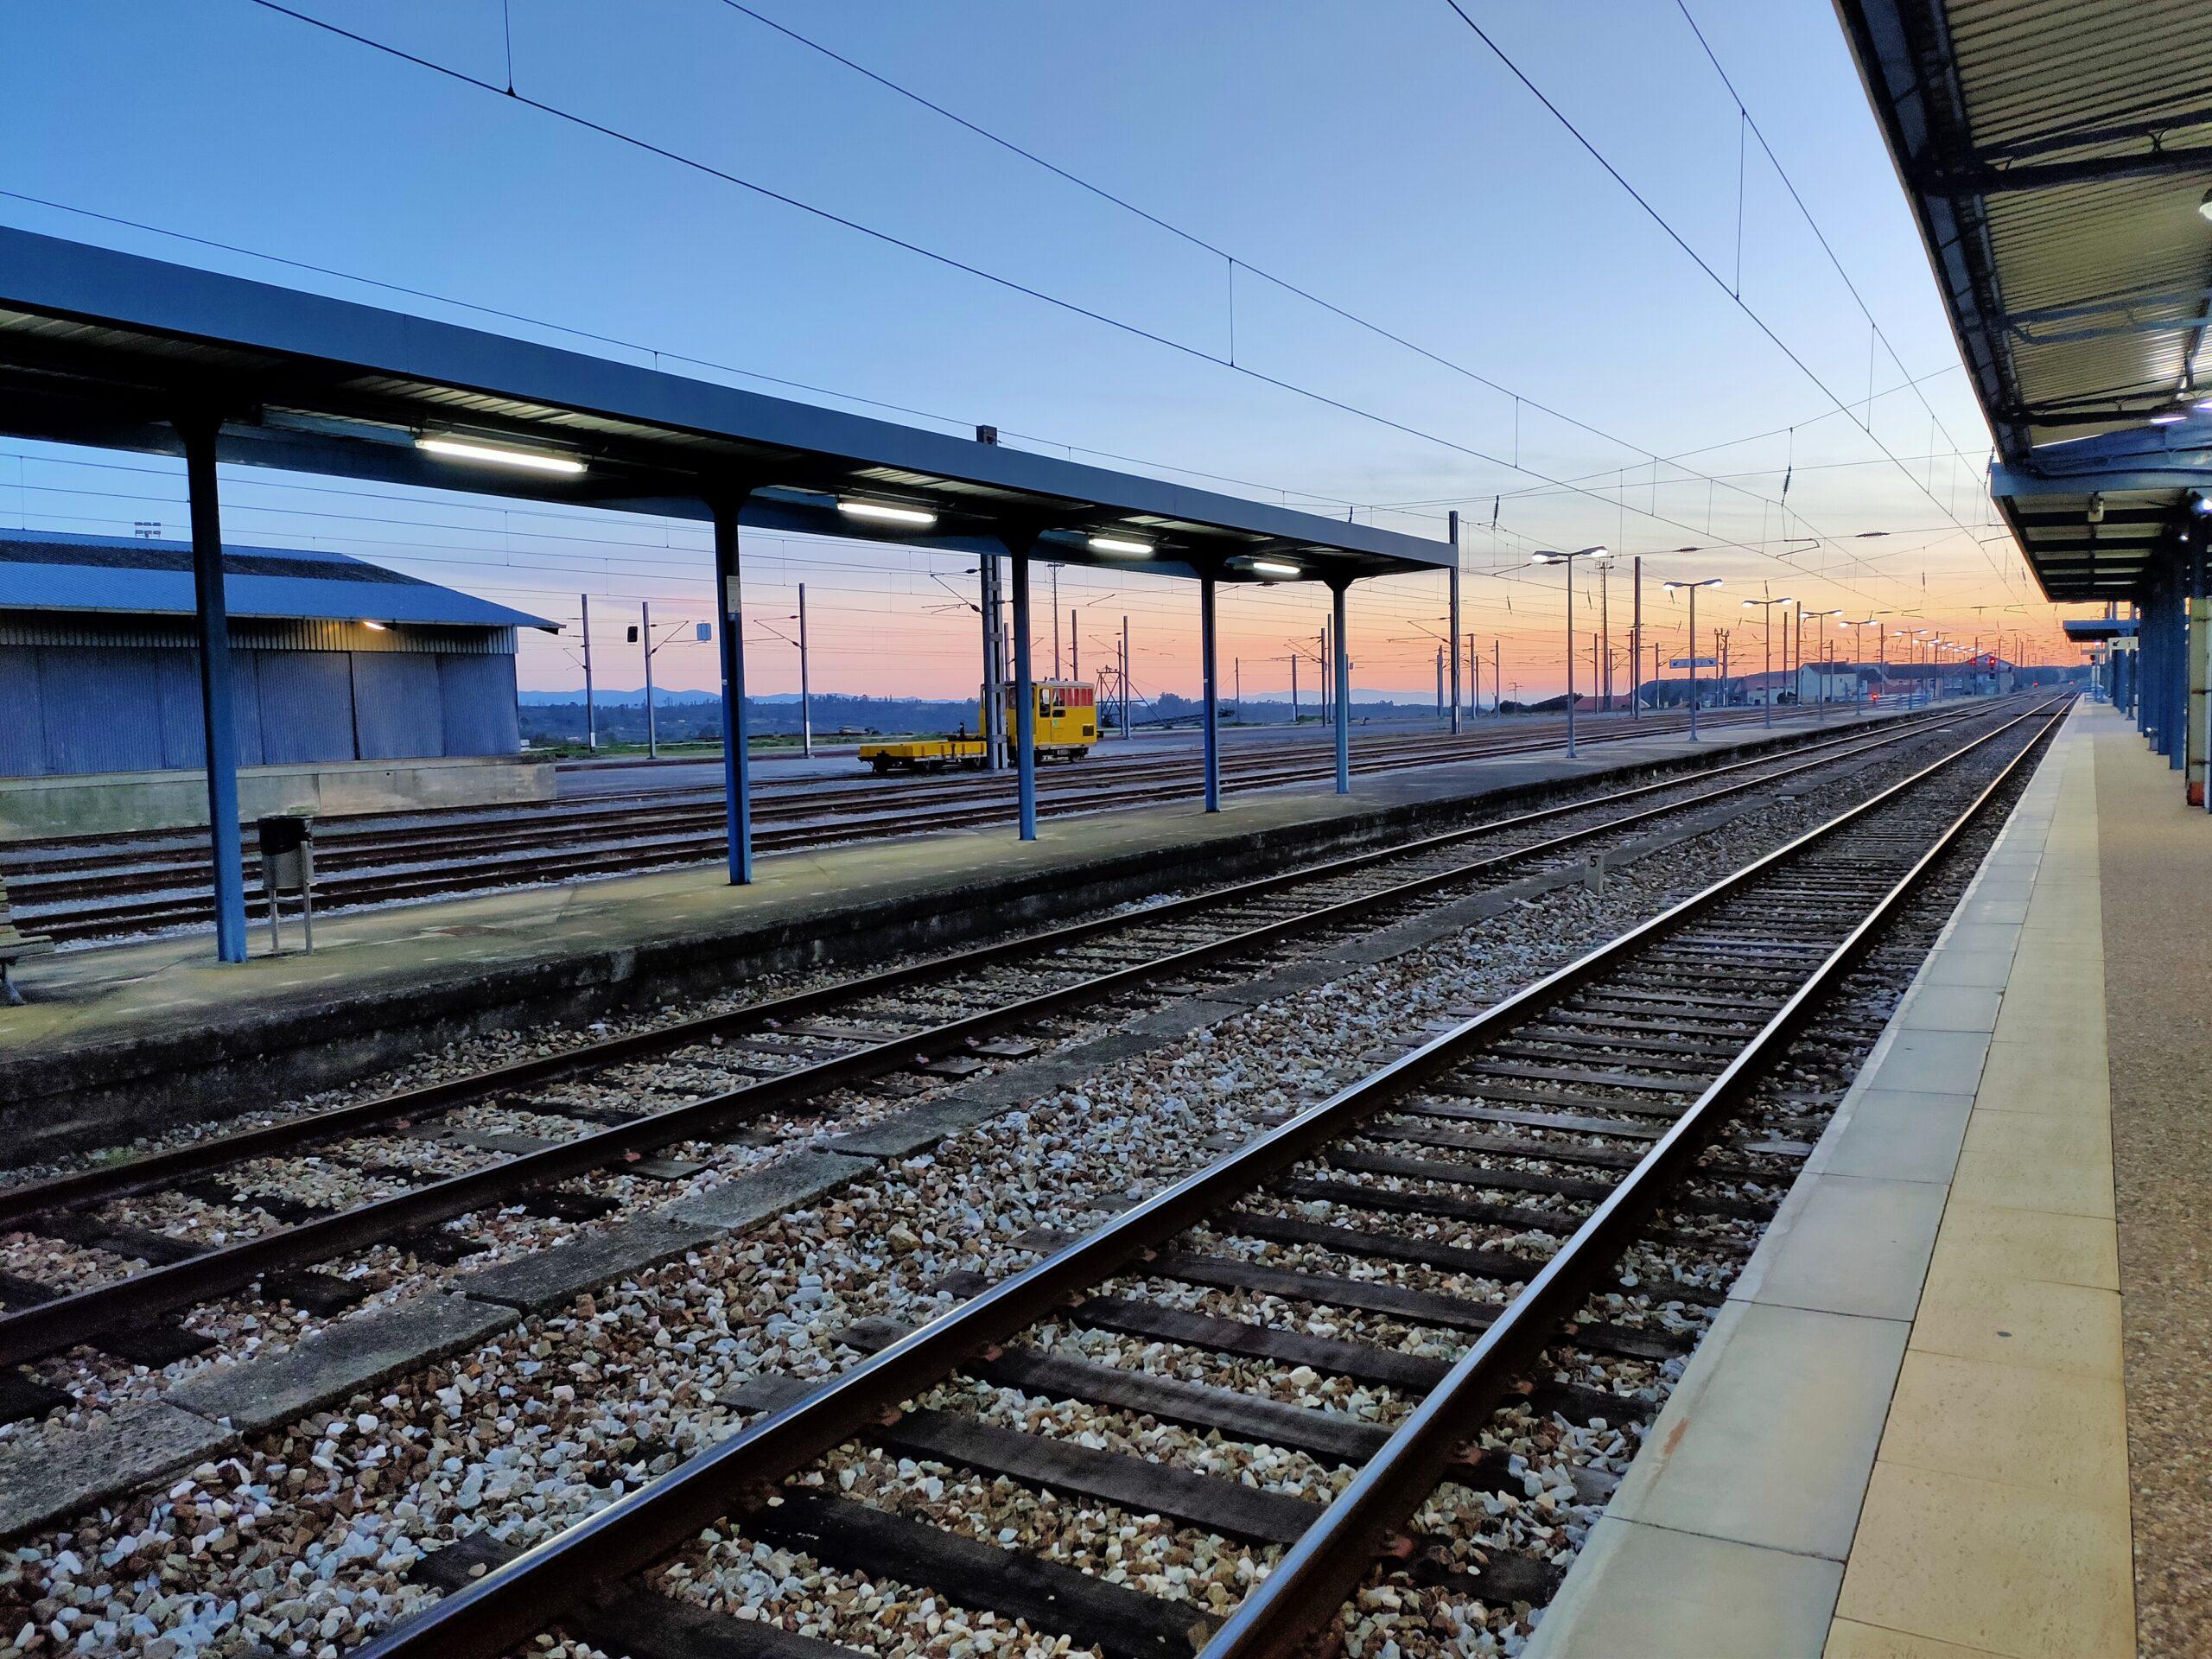 Moção pela inclusão de Viseu na Rede Ferroviária Nacional e Internacional aprovada na Assembleia Municipal